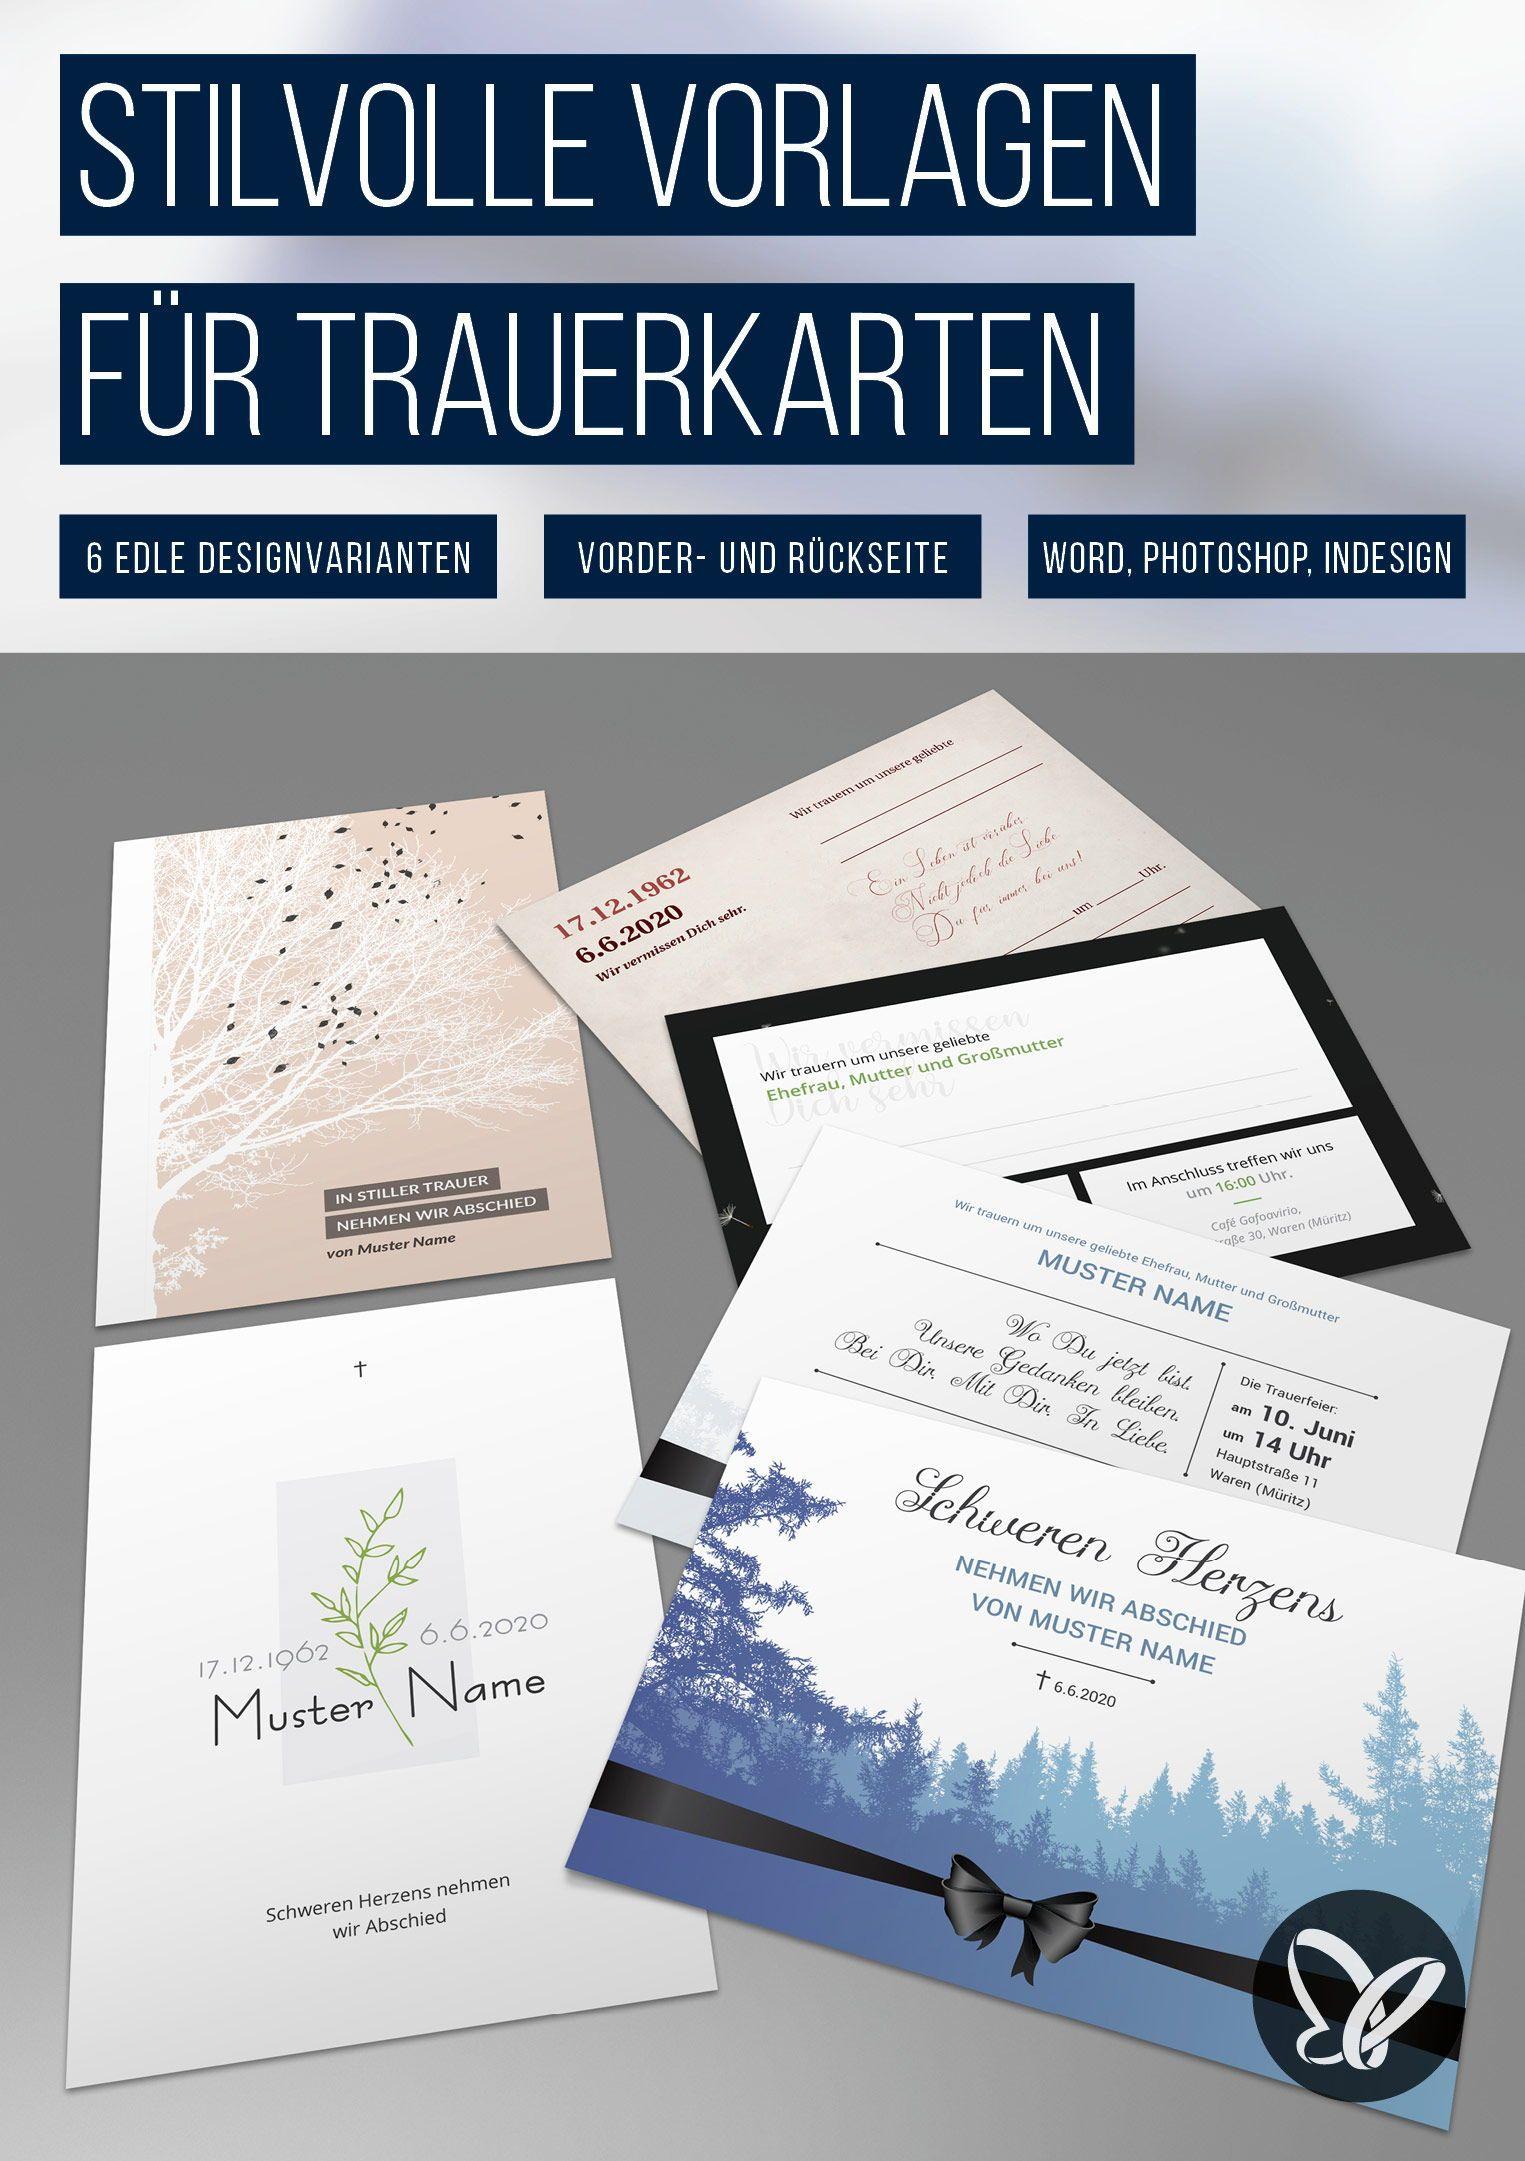 Trauerkarten Vorlagen Fur Einladungen Zu Beerdigung Und Trauerfeier In 2020 Vorlagen Einladungskarten Einladungen